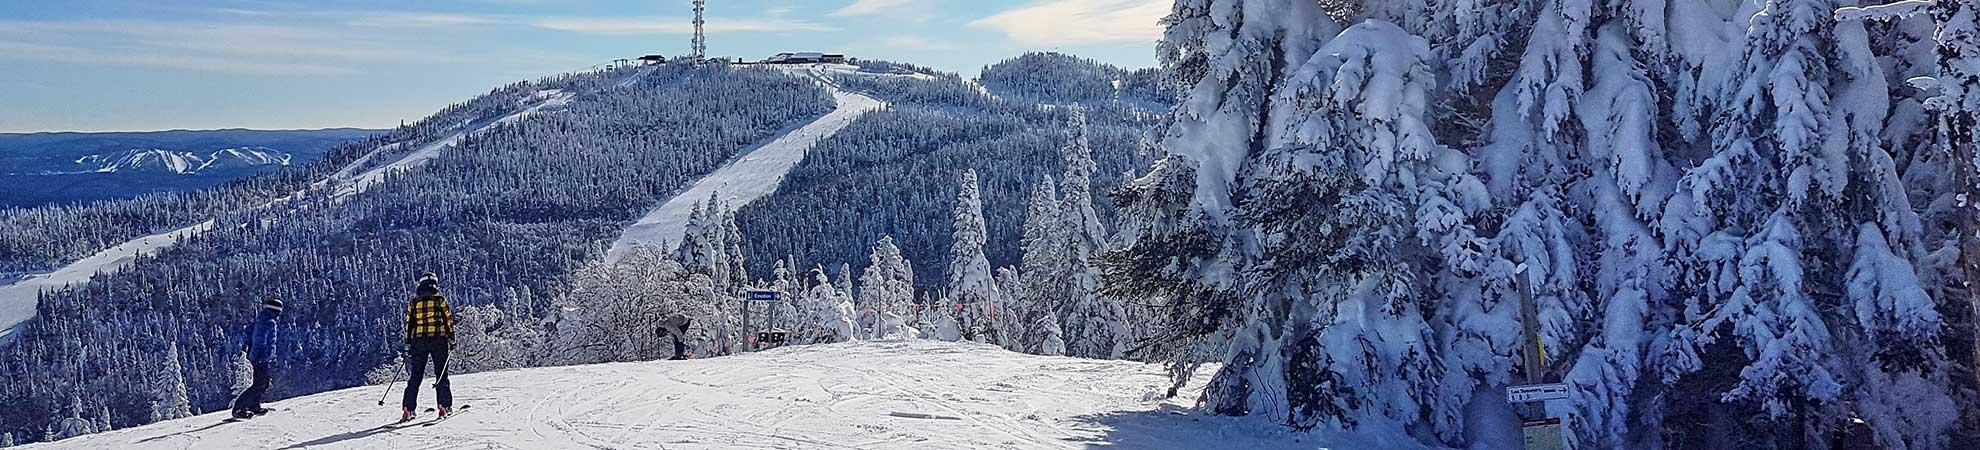 Voyage en hiver au Québec